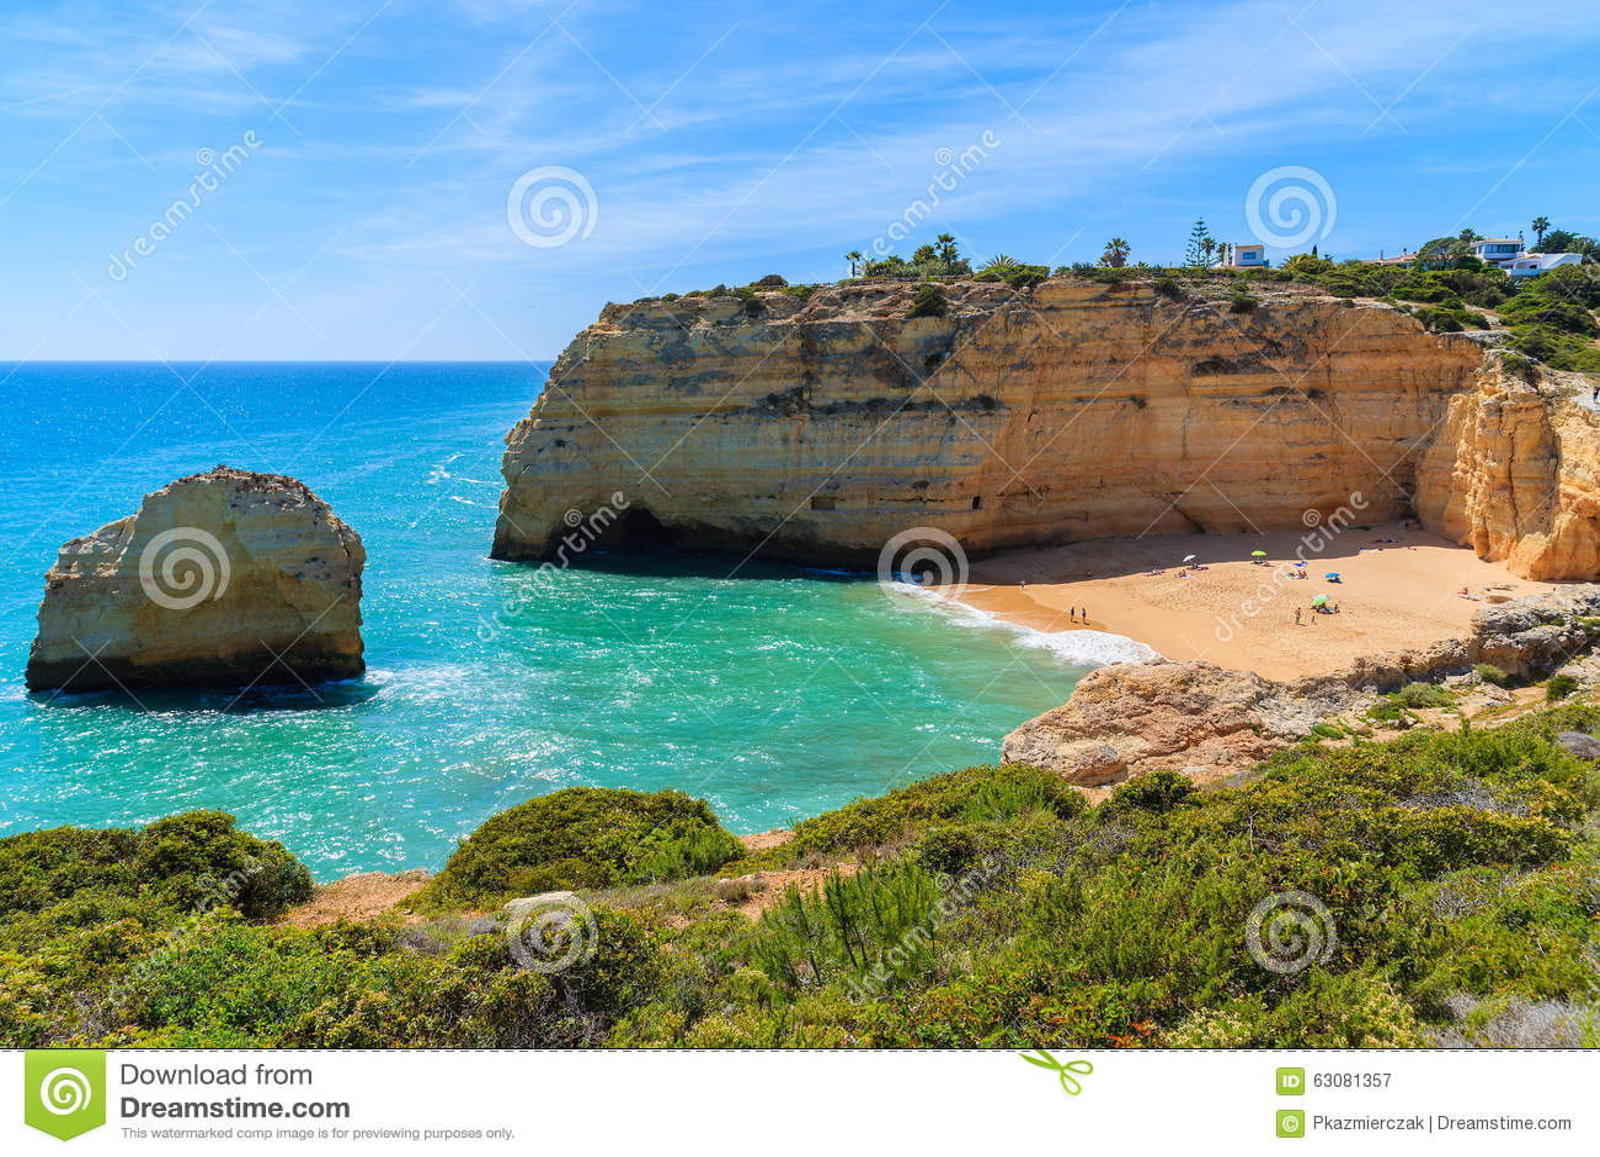 Download Vue De Plage Dans La Belle Baie Image stock - Image du vert, sable: 63081357